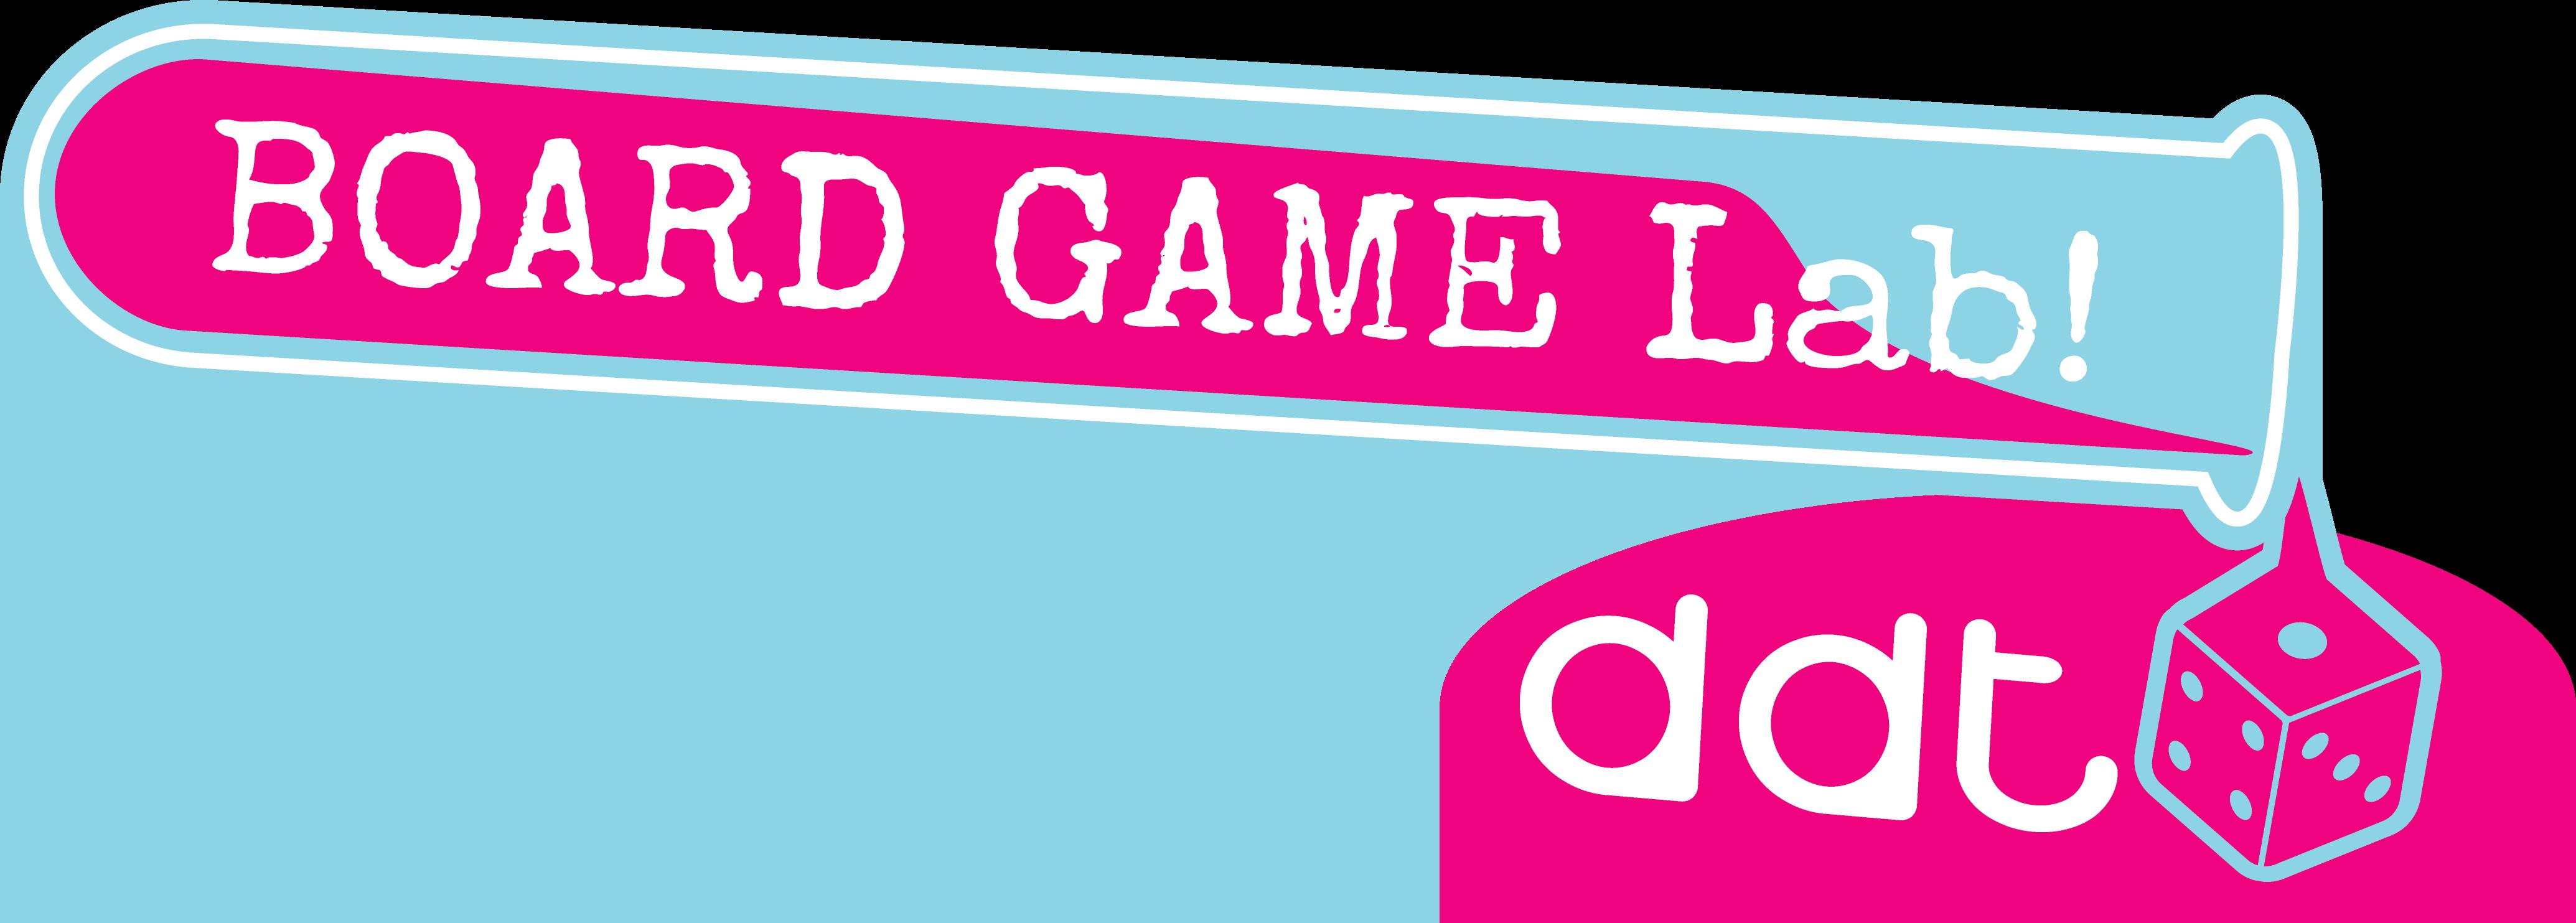 BOARDGAME.Lab!DDT(ボードゲームラボディディティ)